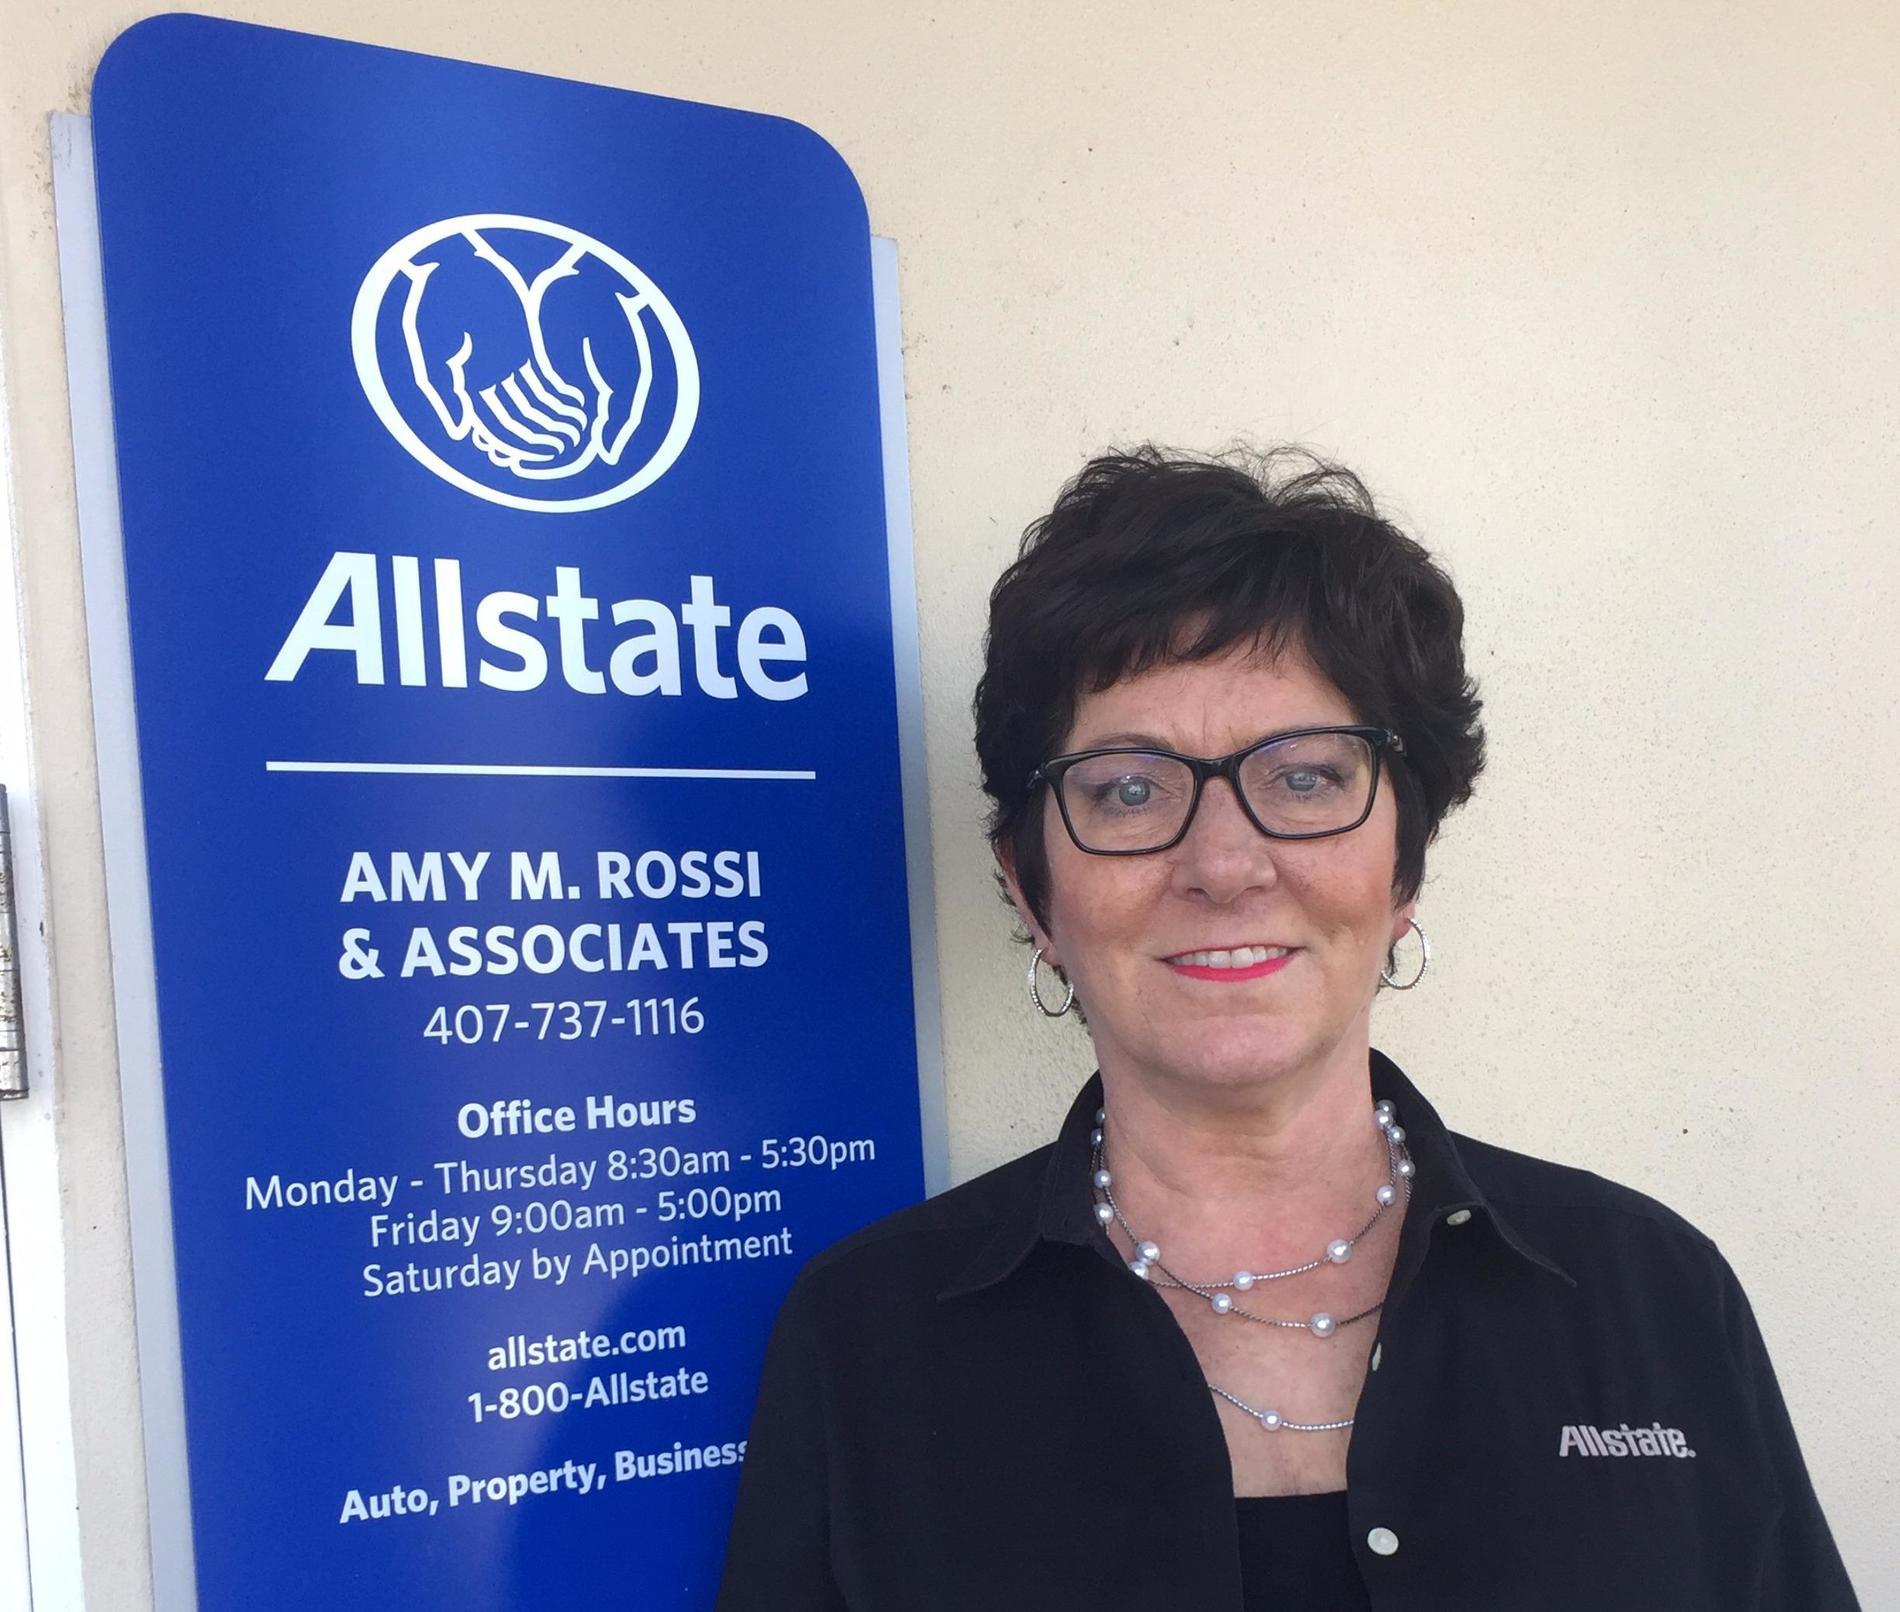 Allstate Customer Care >> Allstate Car Insurance In Orlando Fl Amy Rossi